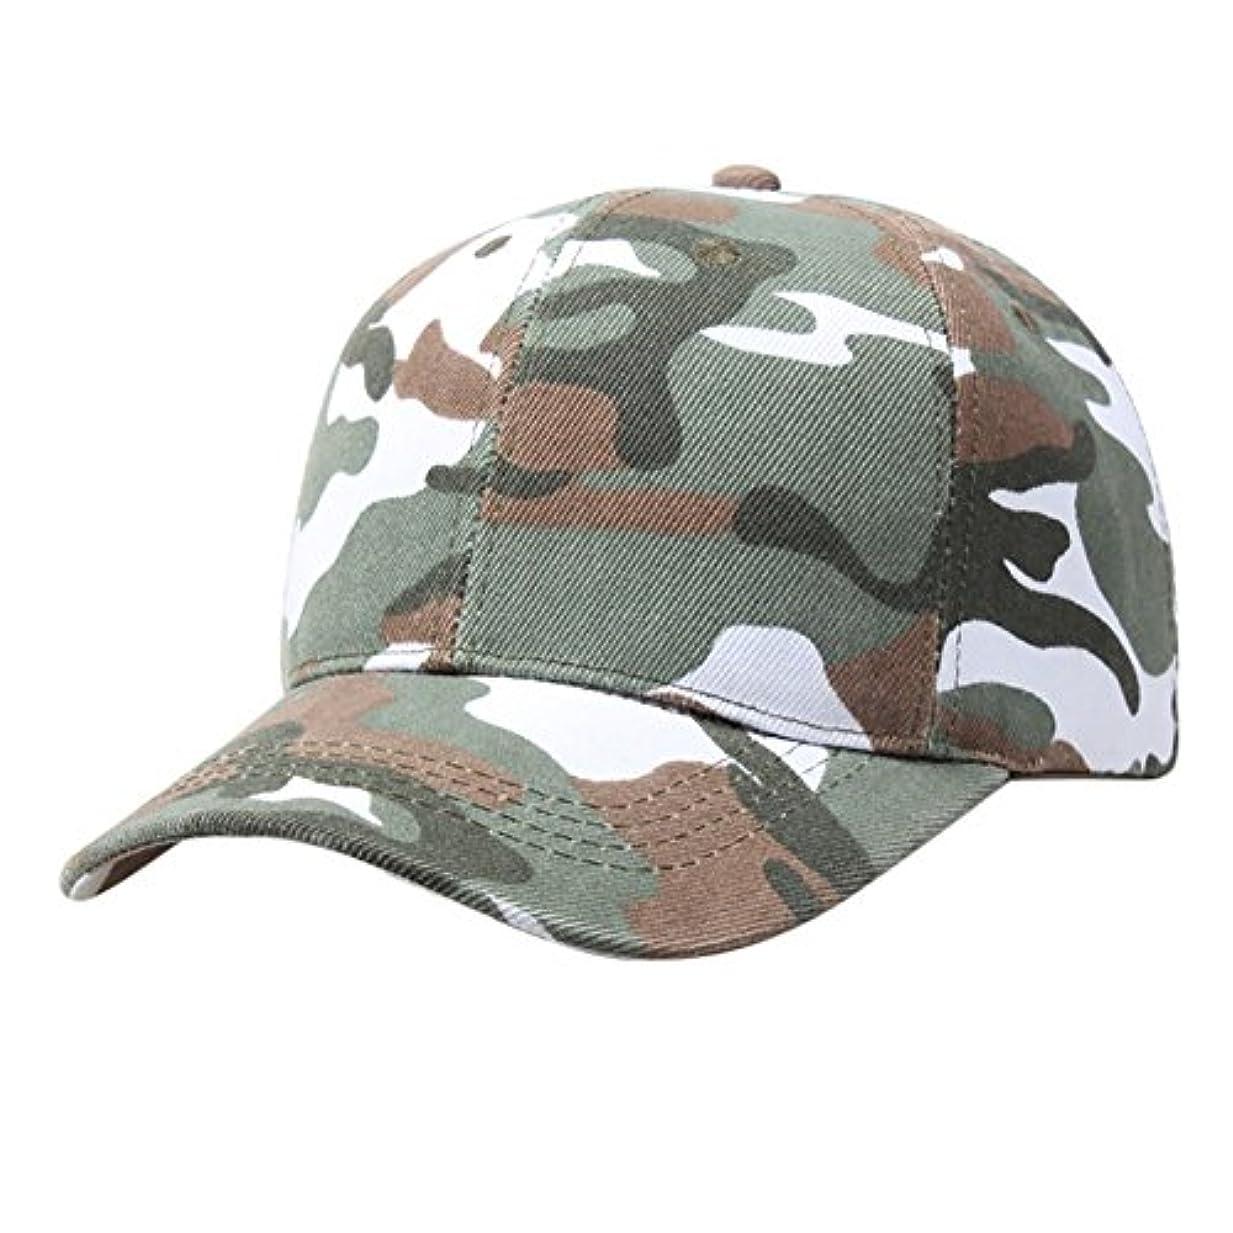 通知する美的ホバートRacazing Cap 迷彩 野球帽 軍用 通気性のある ヒップホップ 帽子 夏 登山 緑 可調整可能 棒球帽 男女兼用 UV 帽子 軽量 屋外 カモフラージュ Unisex Cap (緑)